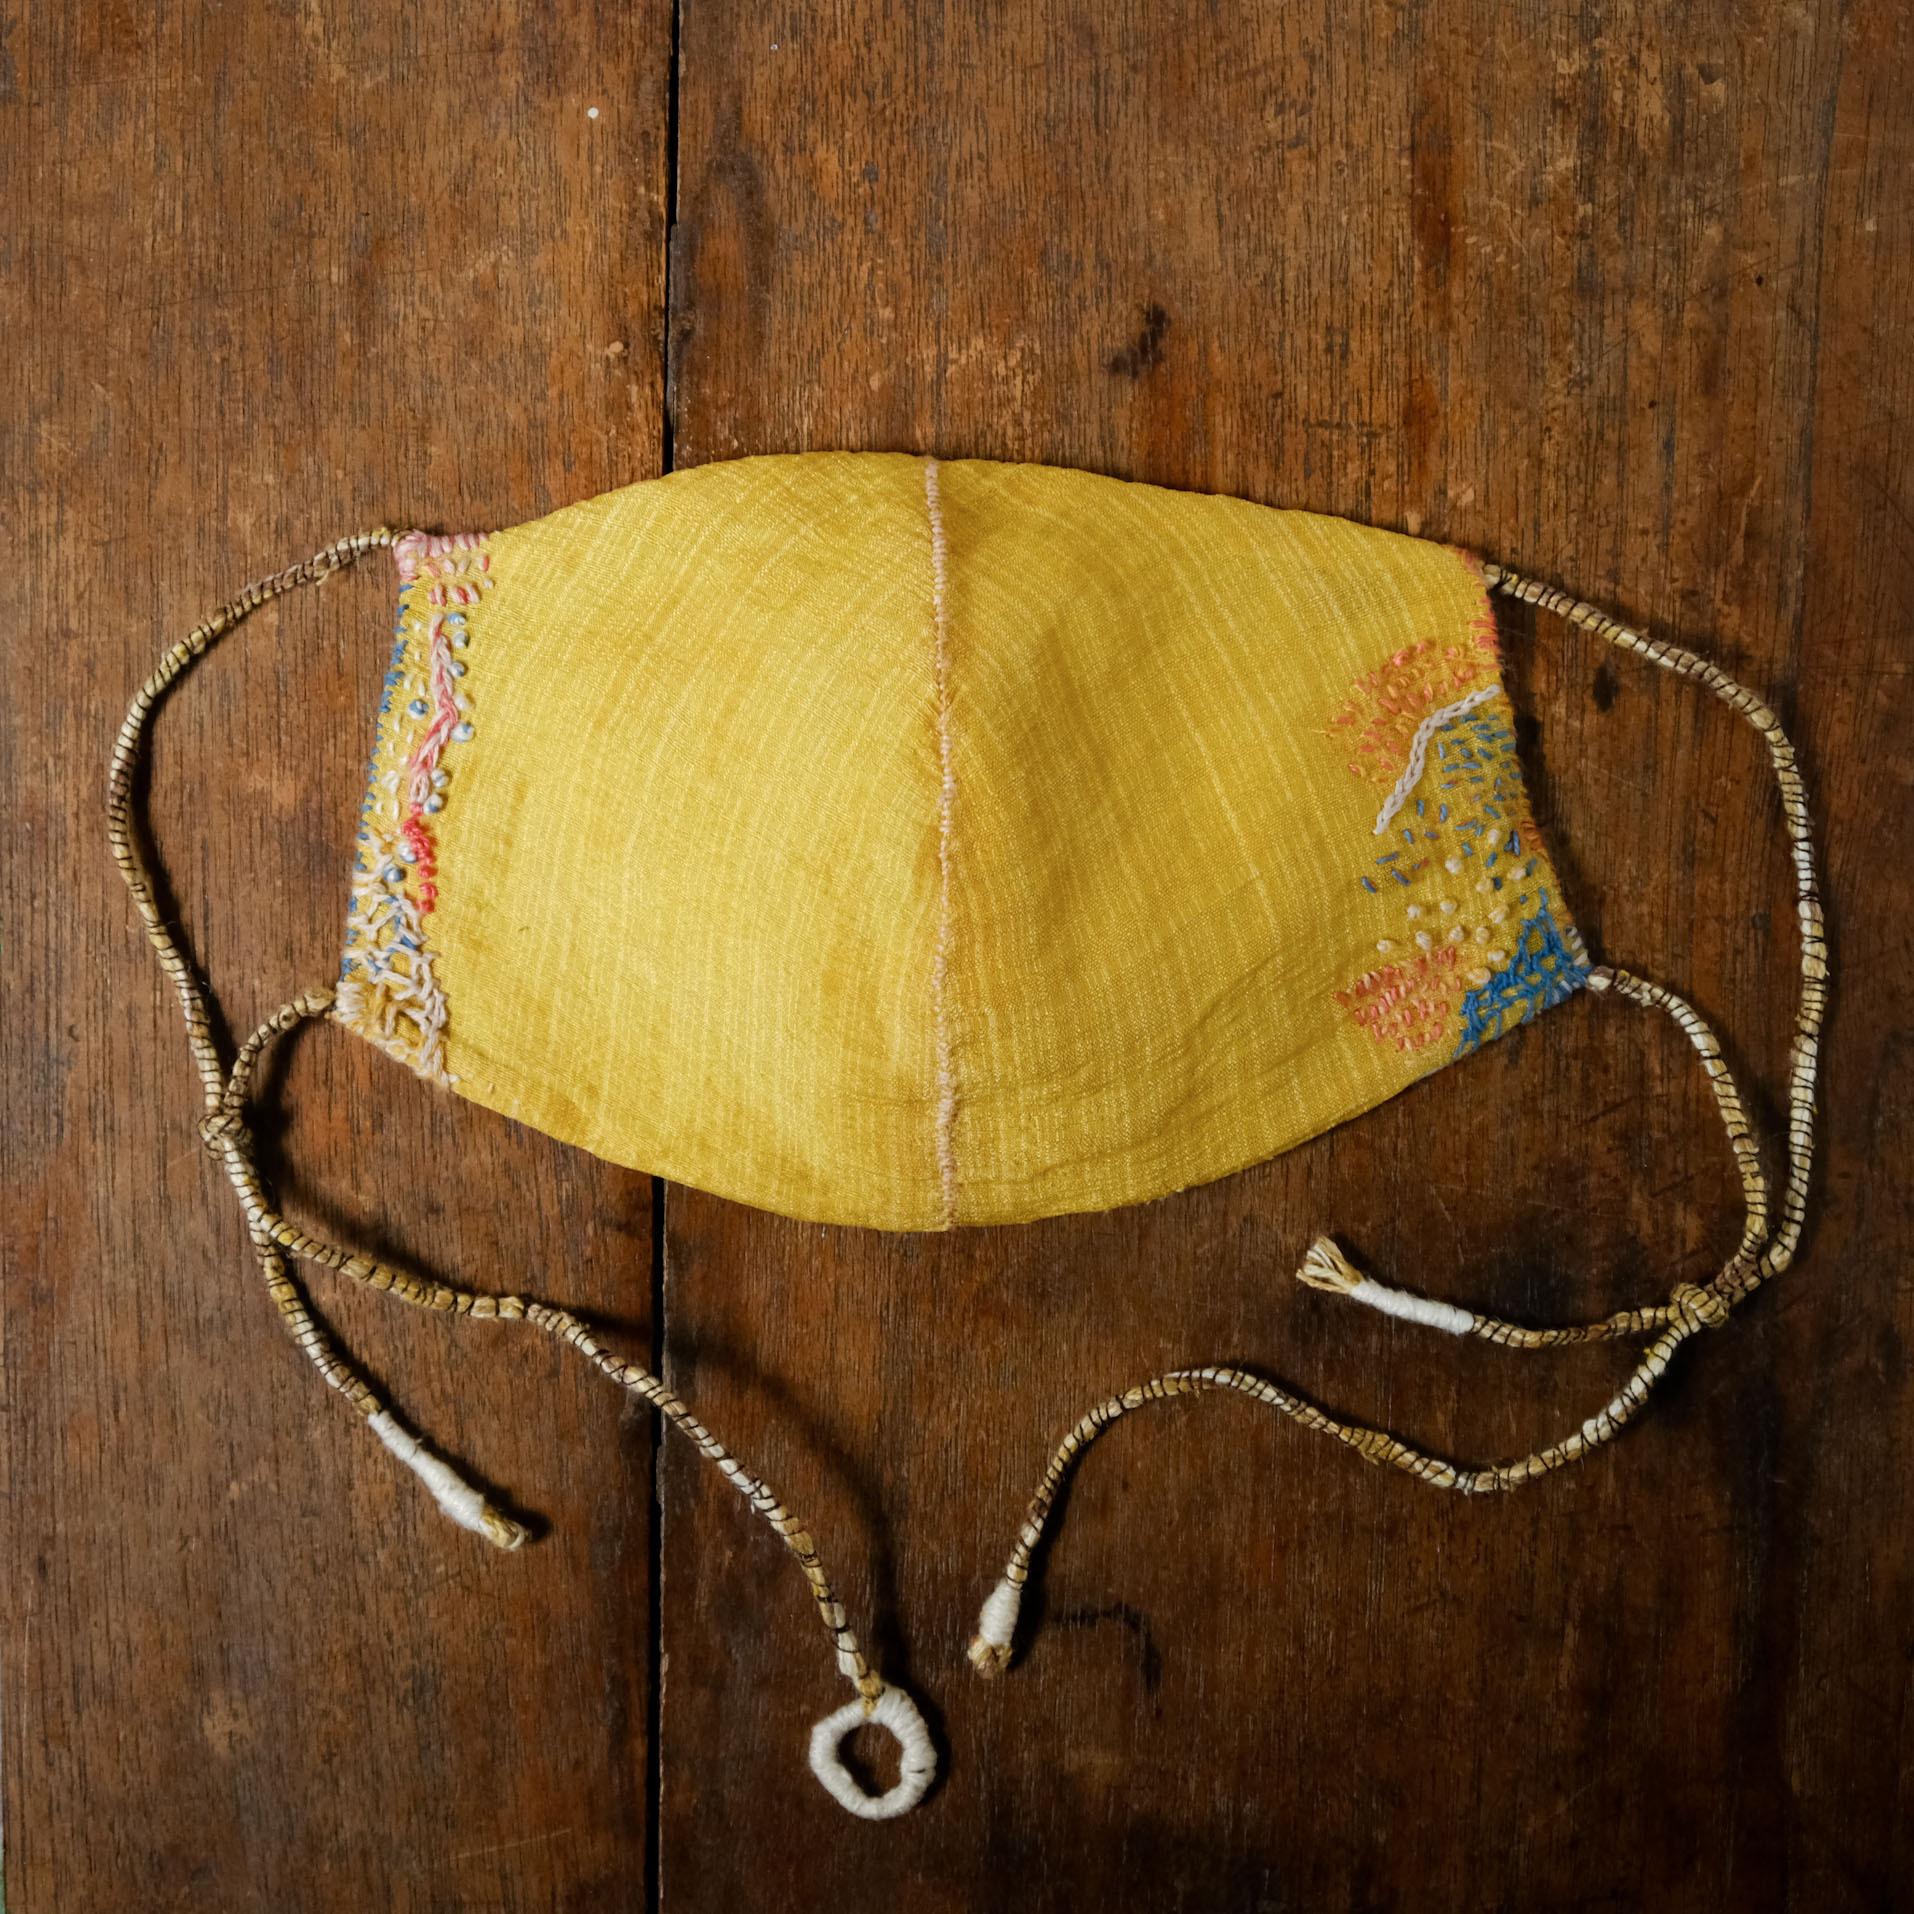 「 joy 」草木染絹と炭染有機木綿の手縫いマスク